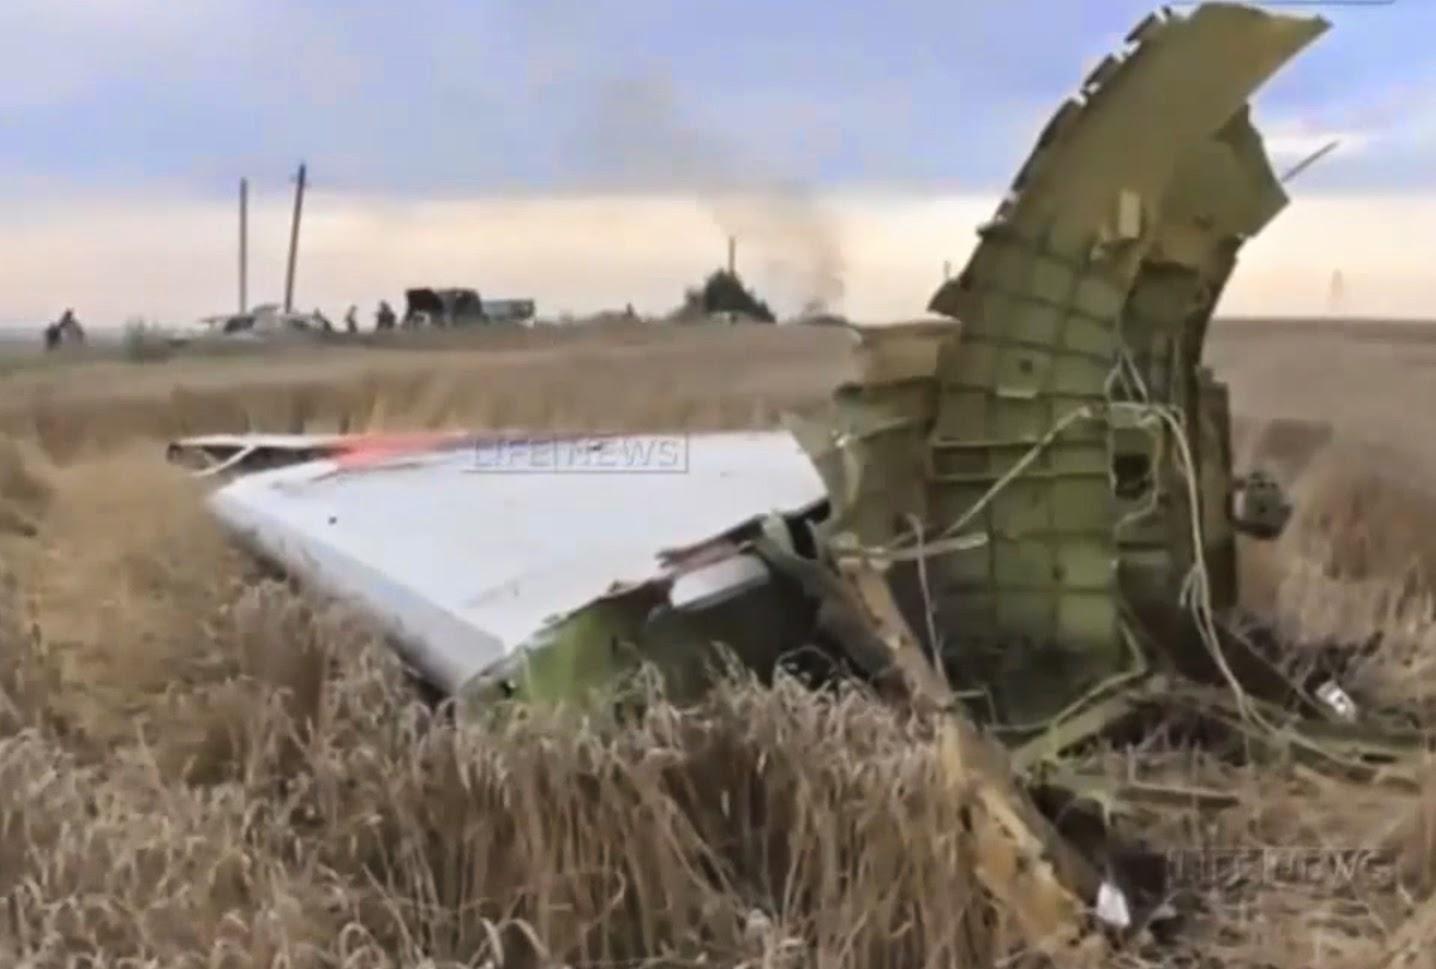 обломки сбитого самолёта